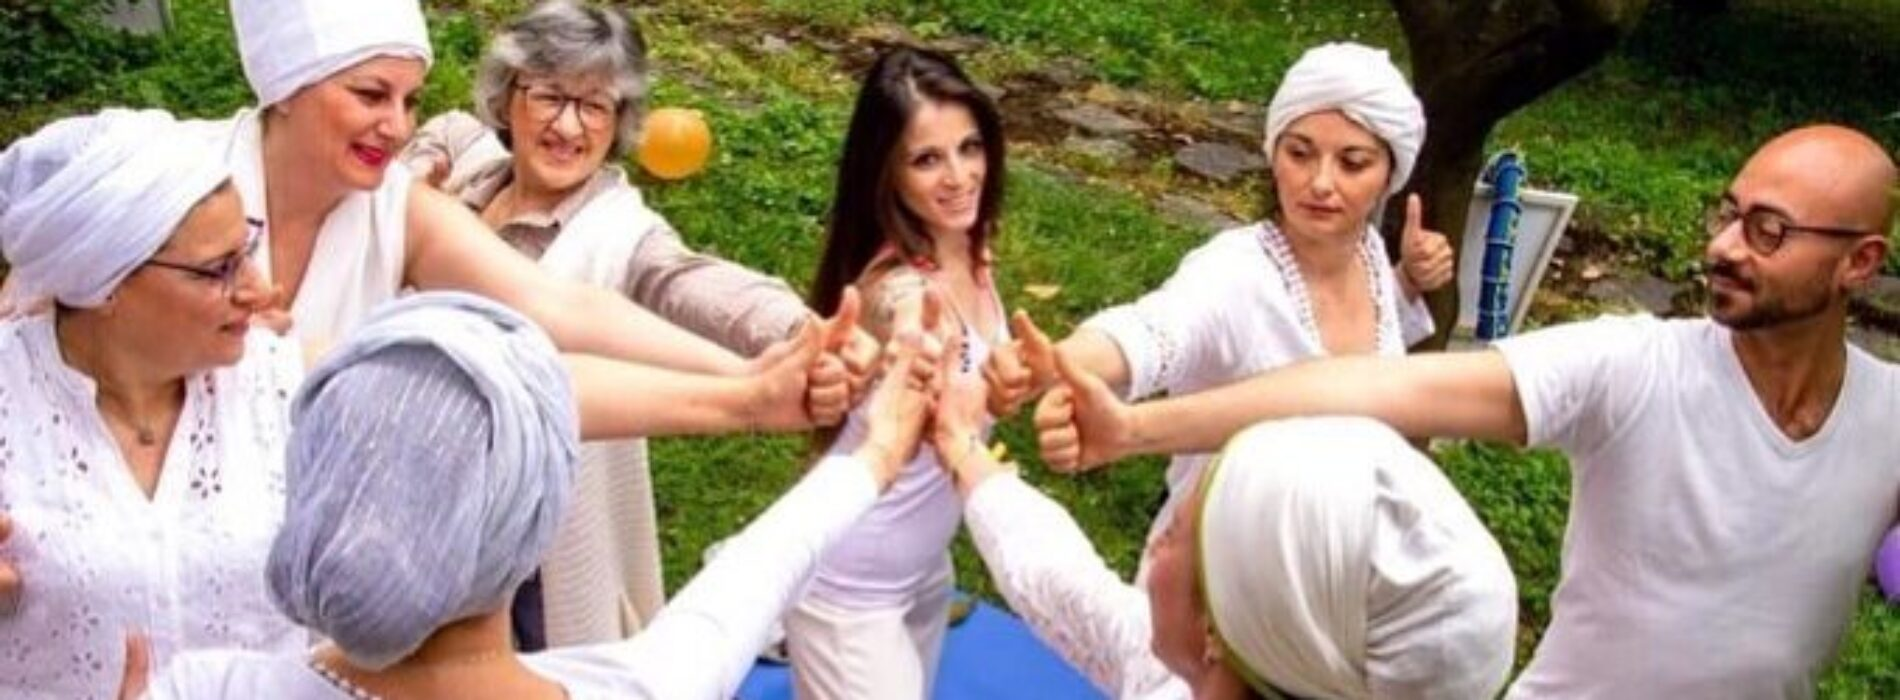 Kundalini Yoga, alla Reggia un week end di lezioni gratuite